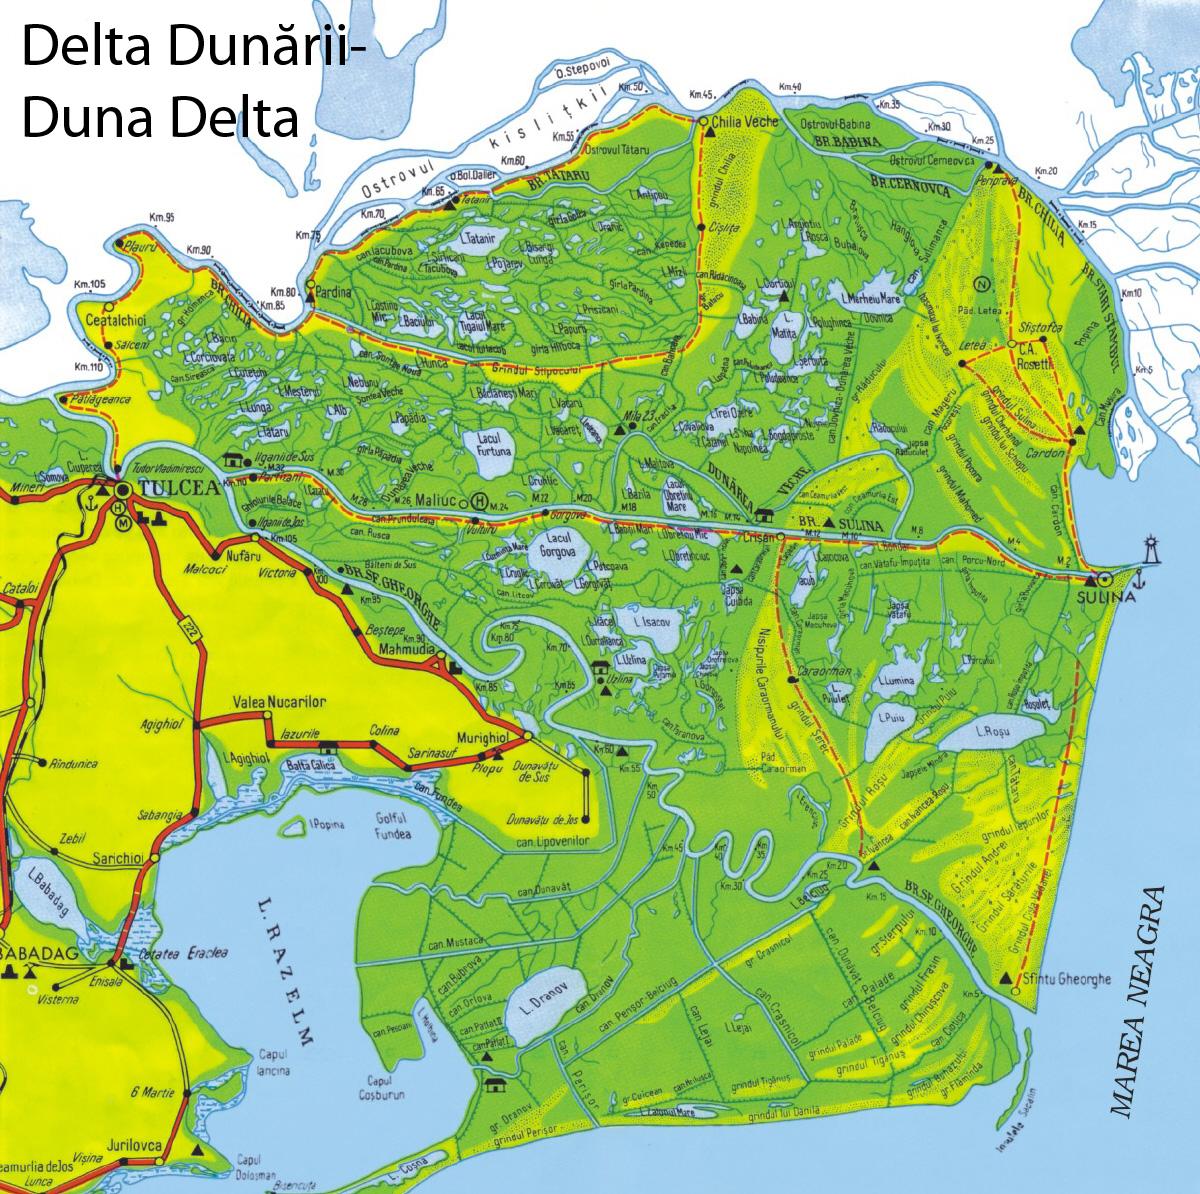 Duna Delta turisztikai térképe - szállás